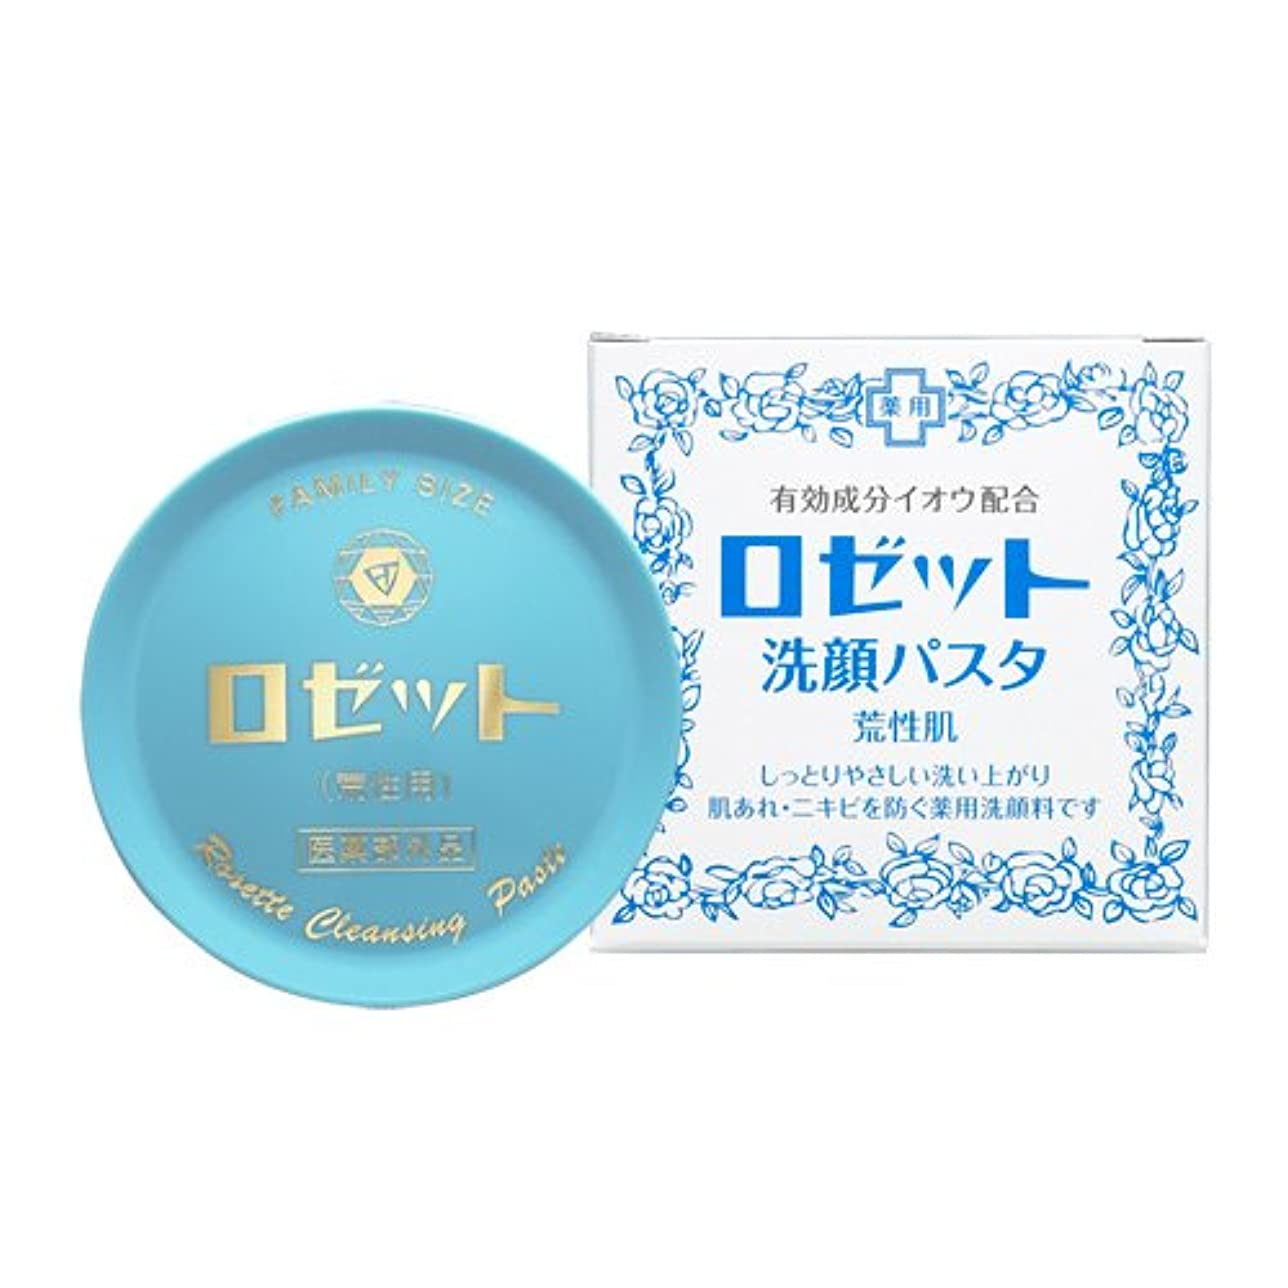 アンペアイースター付き添い人ロゼット洗顔パスタ 荒性肌 90g (医薬部外品)